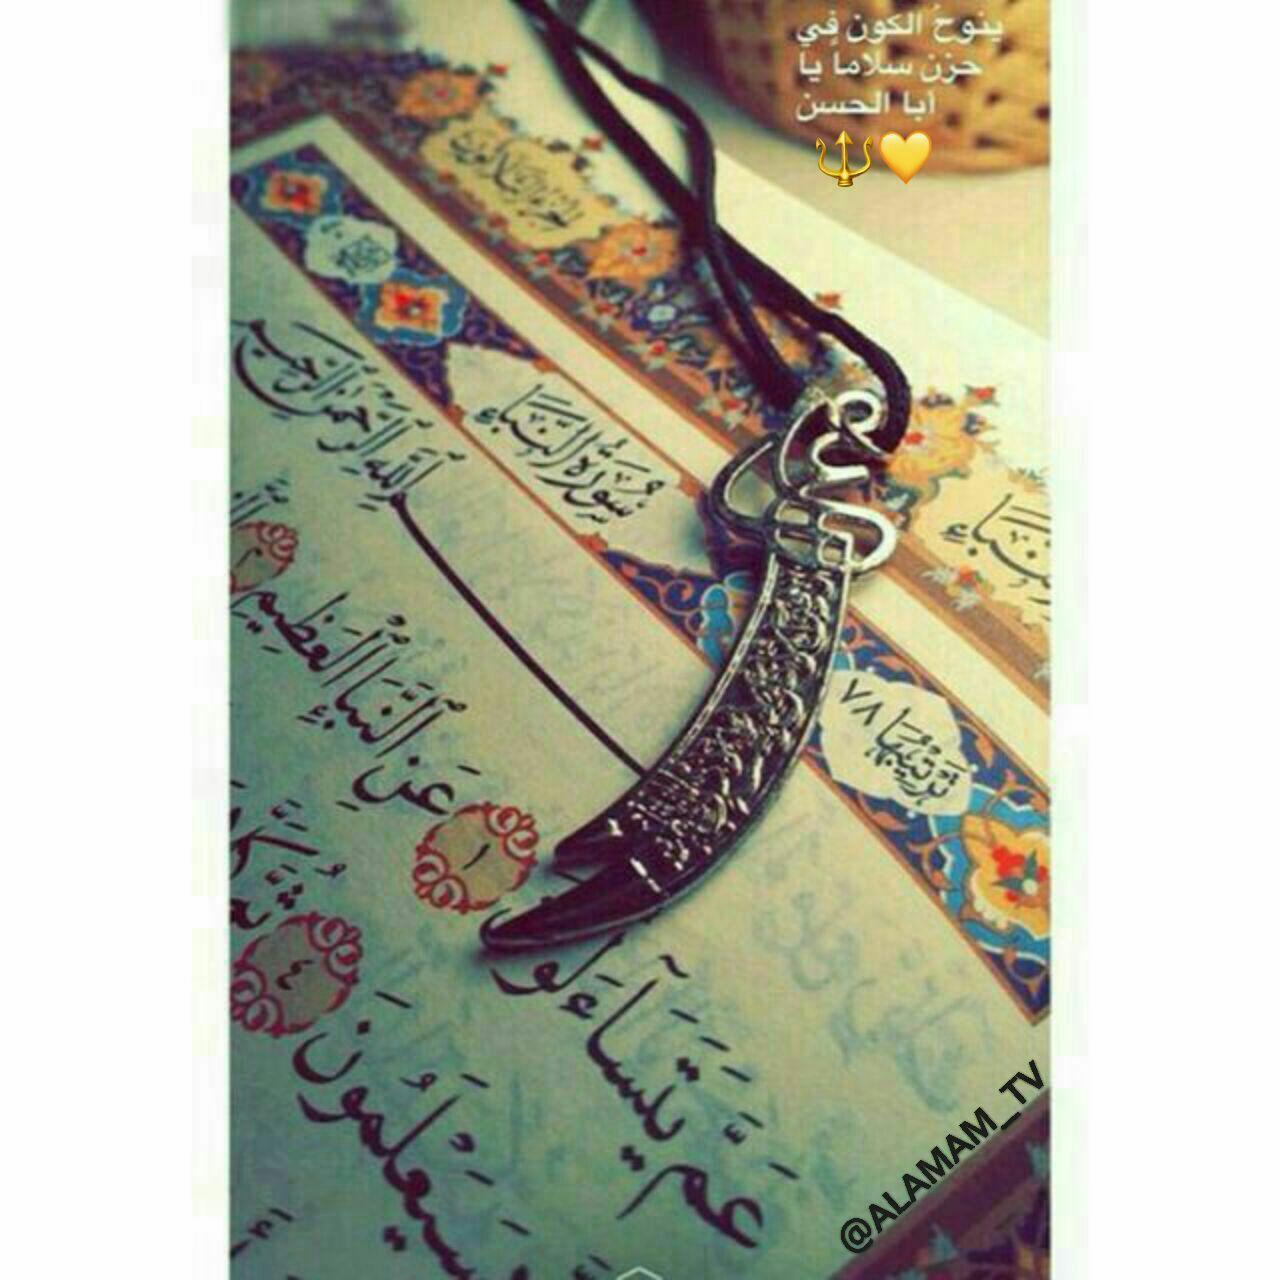 يا علي Personalized Items Muharram Alhamdulillah